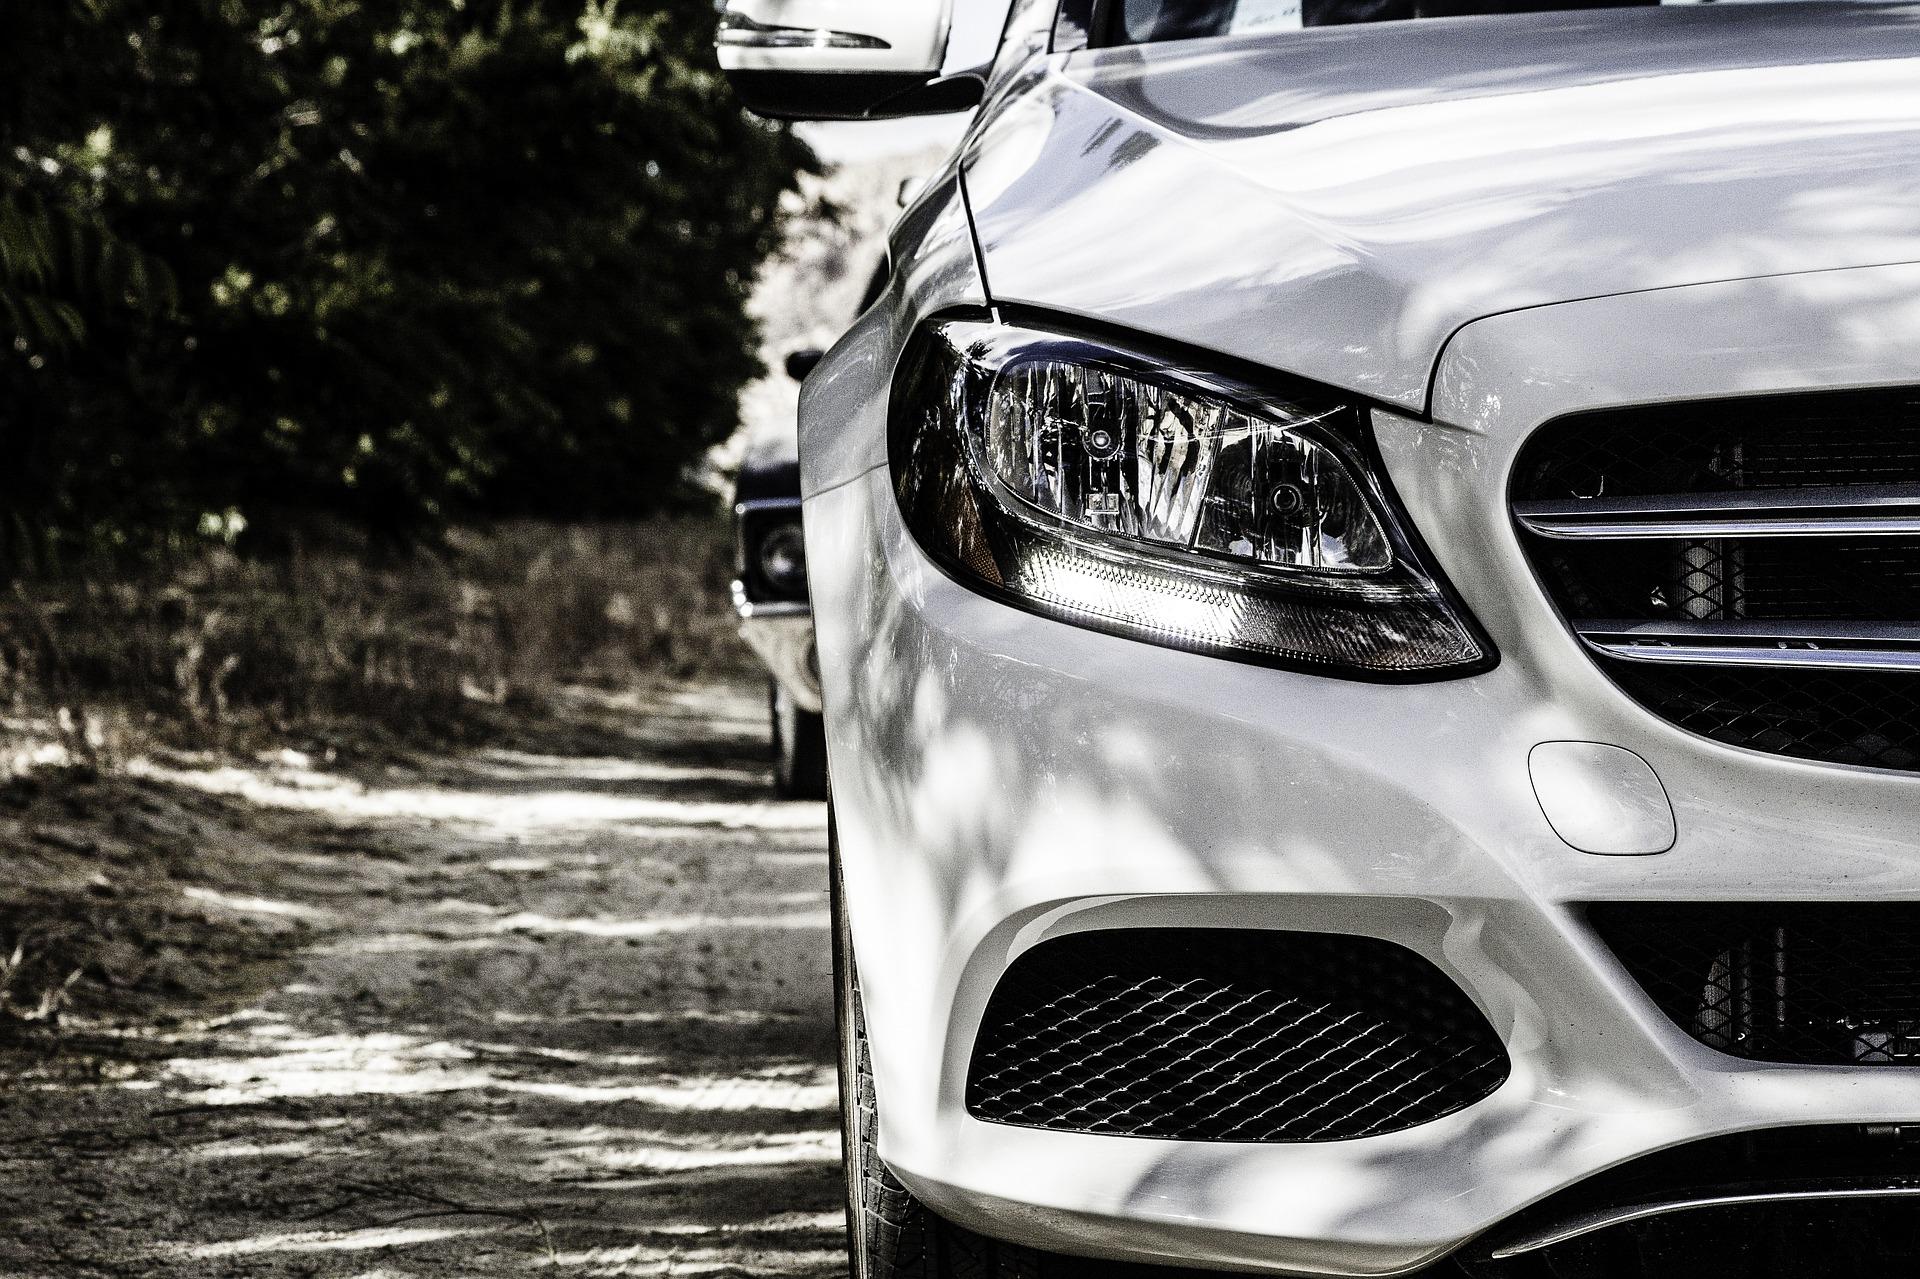 Nejlevnější pojištění na auto